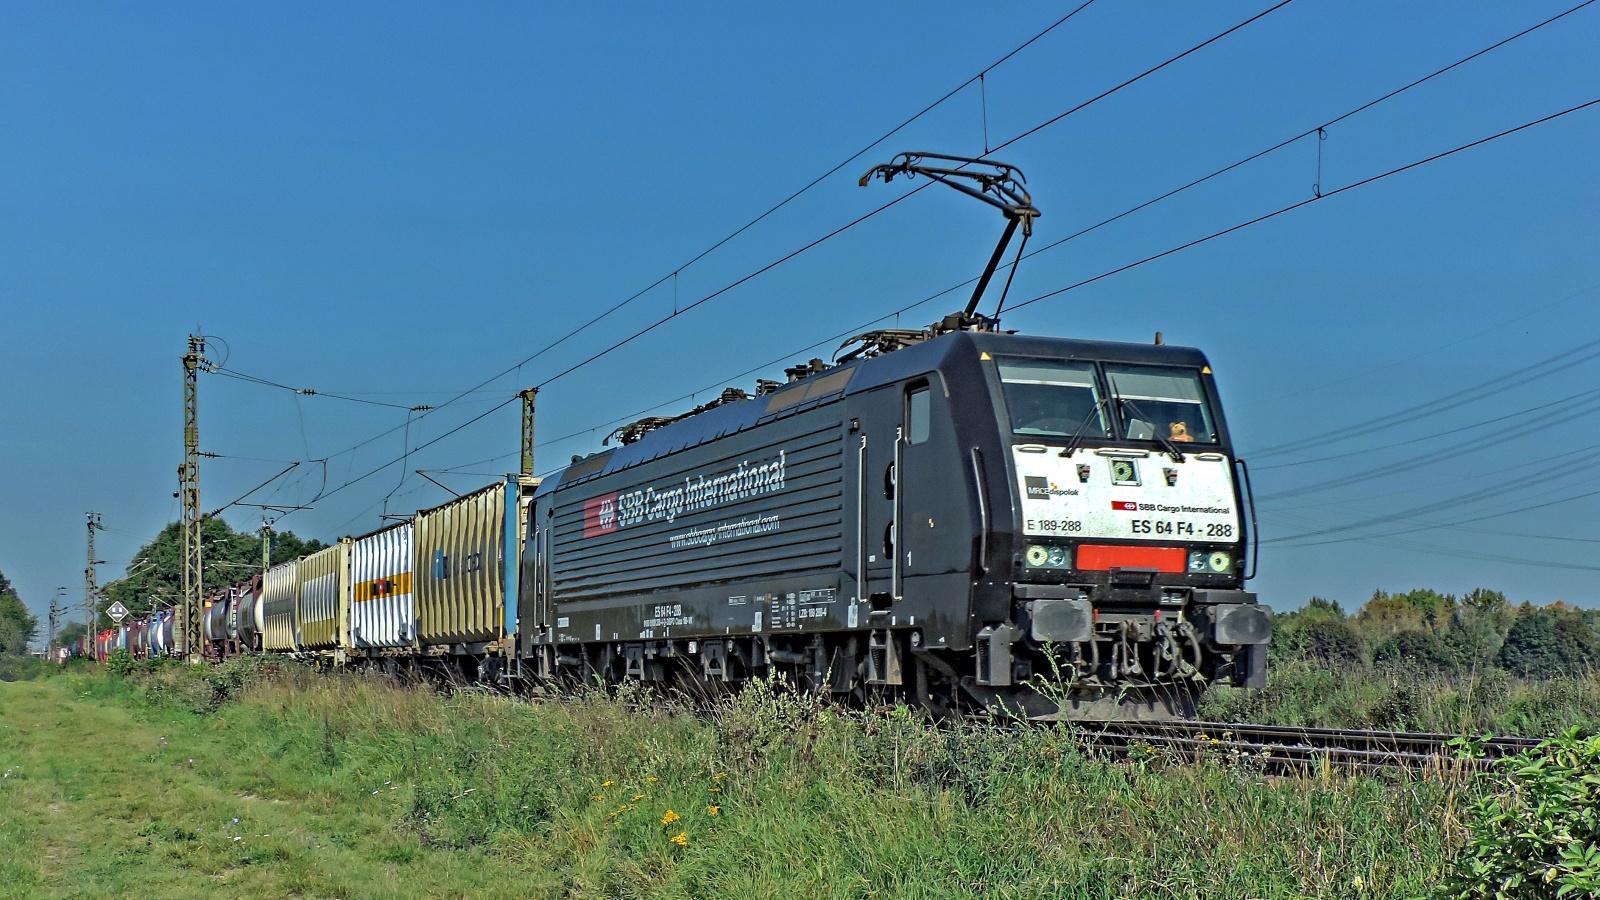 189 288 ES 64 F4 - 288 SBB Cargo International